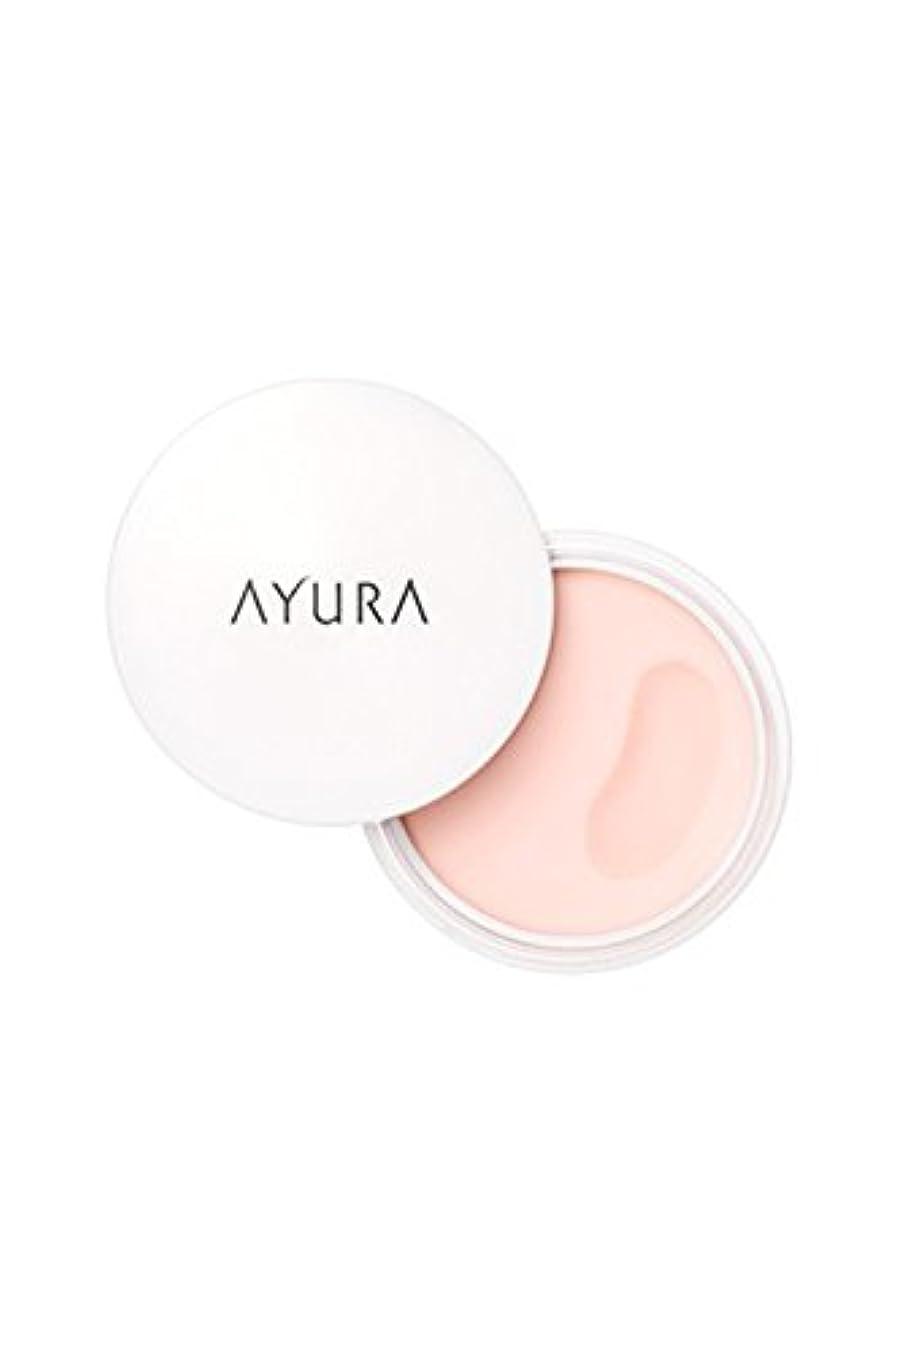 こねる拍車苦しめるアユーラ (AYURA) オイルシャットデイセラム < 朝用練り美容液 > 10g 毛穴 化粧くずれ対策練り美容液